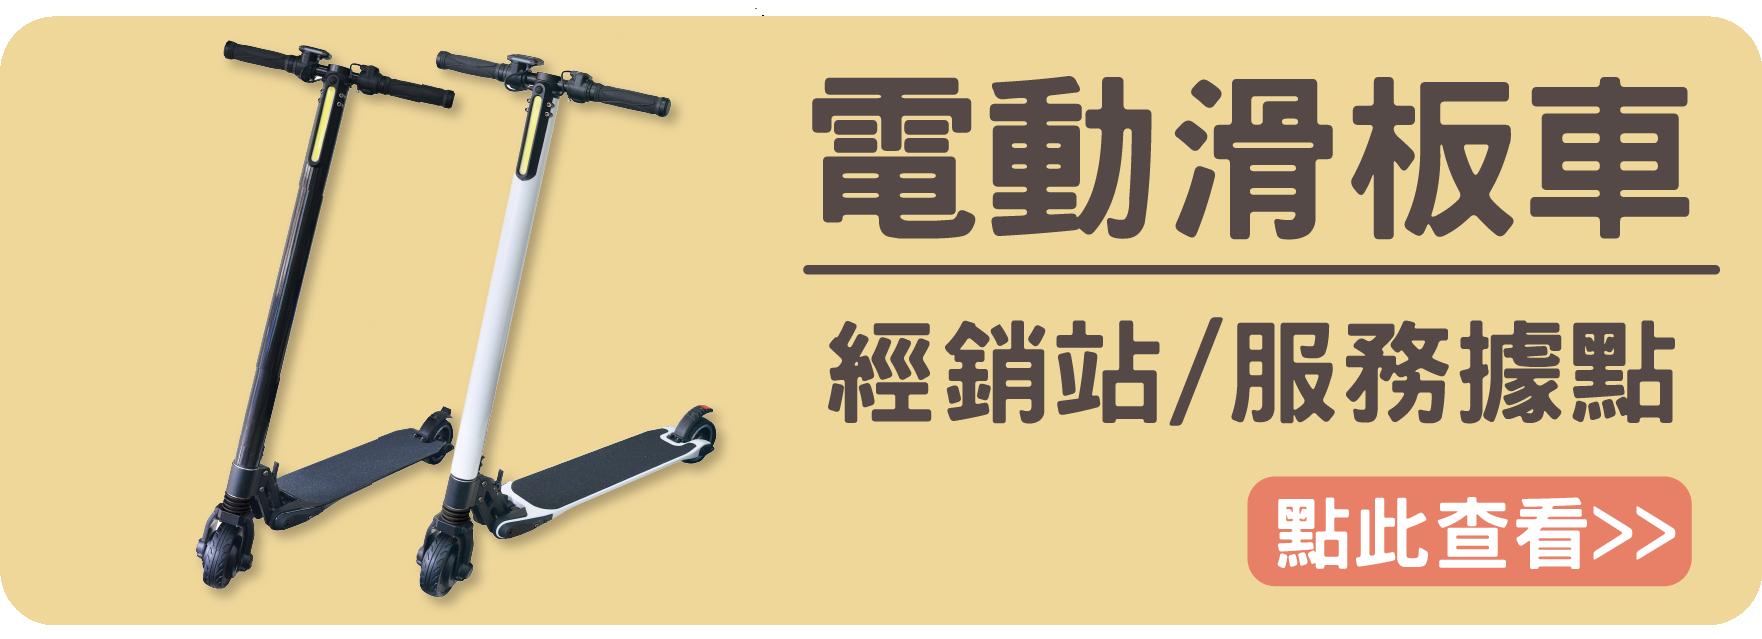 電動滑板車經銷站/服務據點